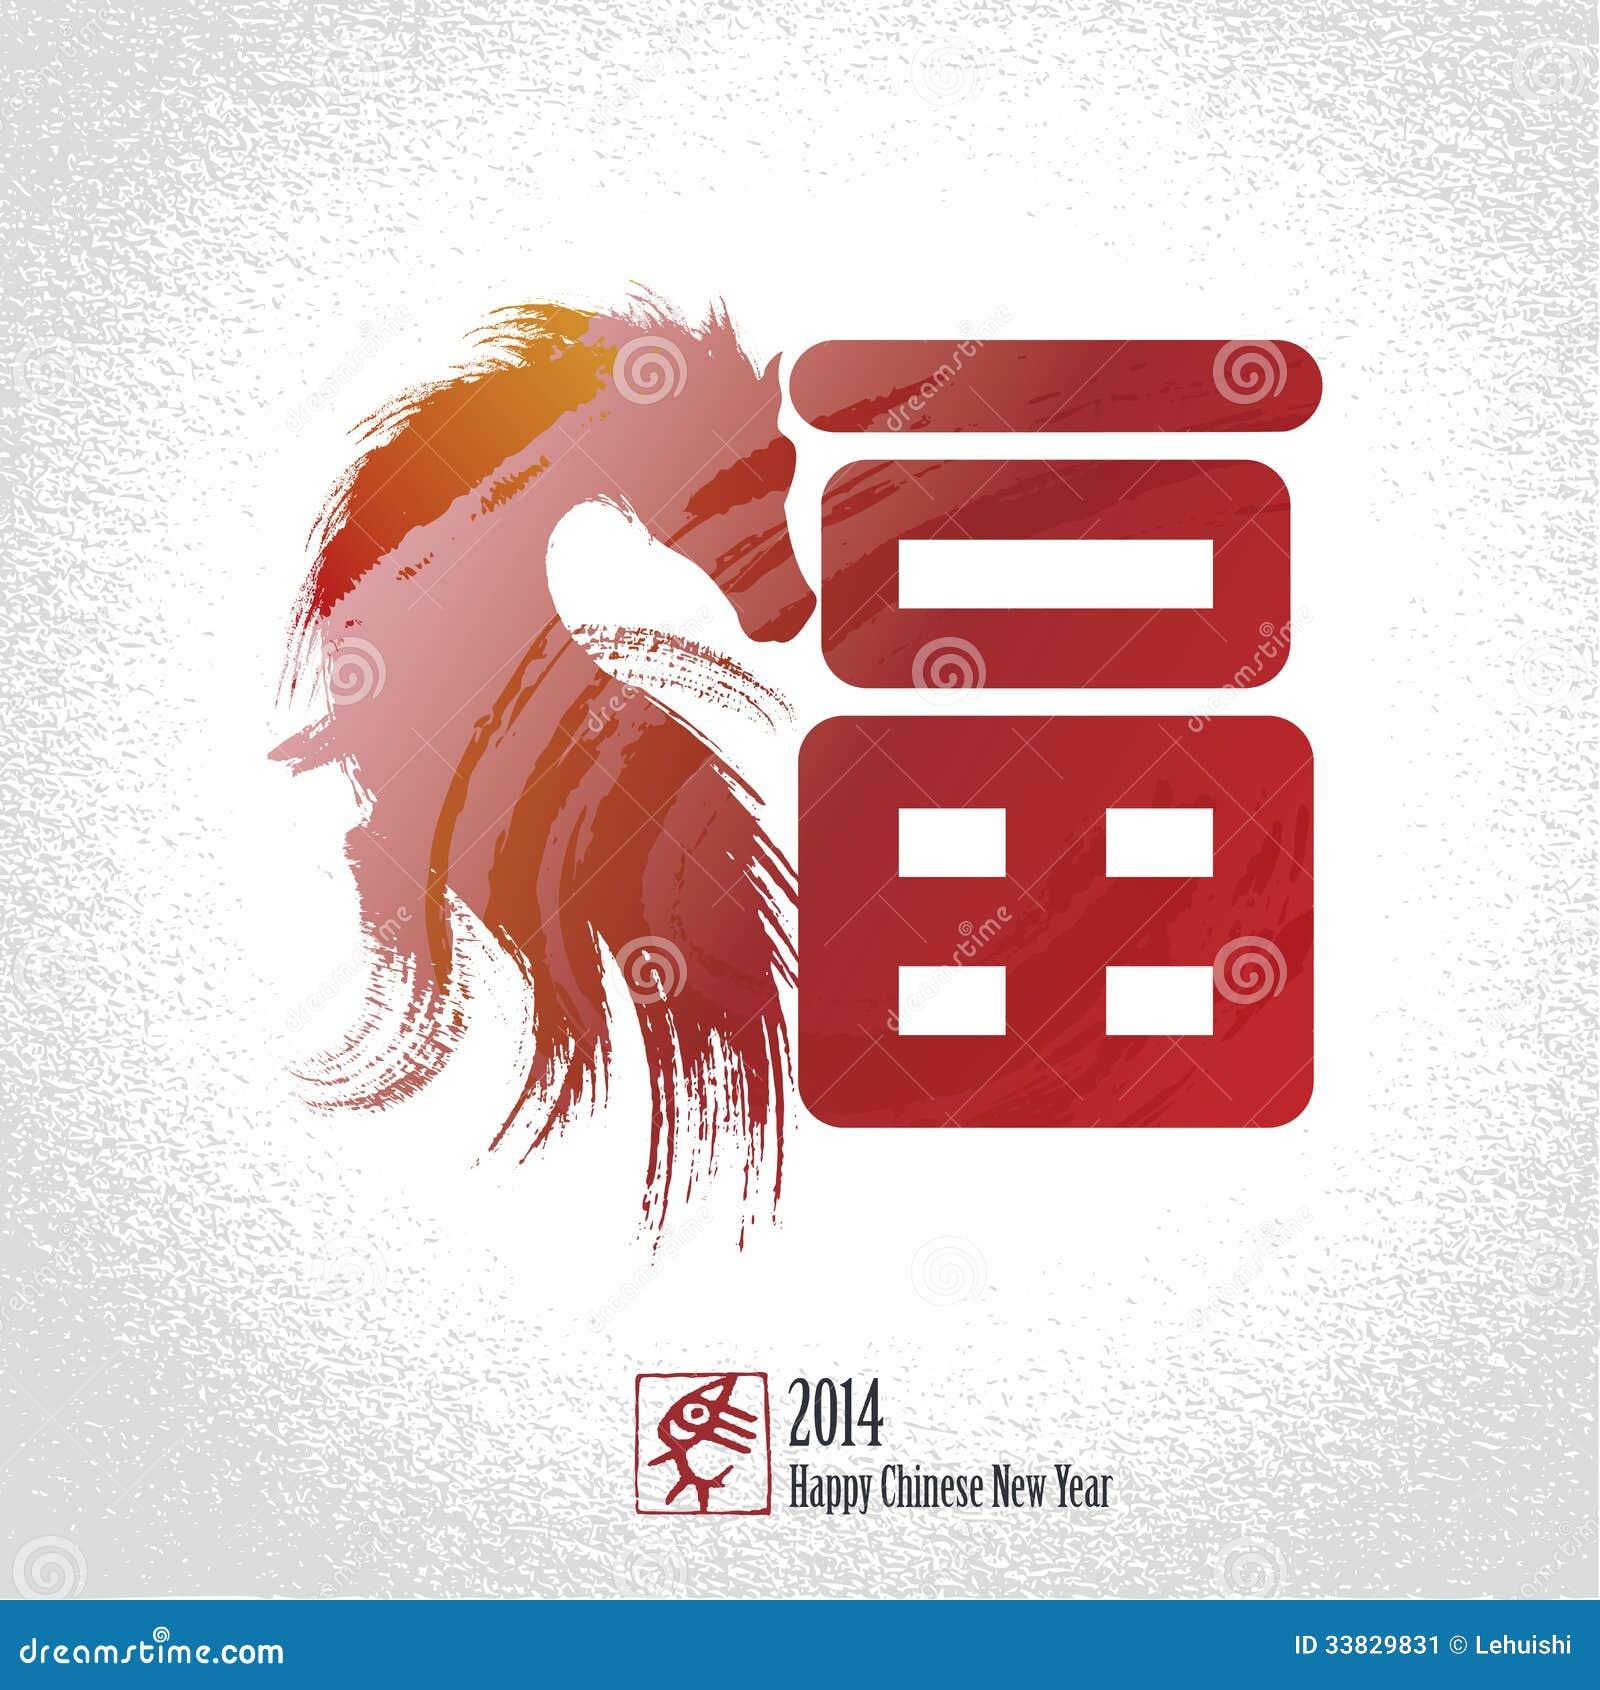 Grußkartenhintergrund des Chinesischen Neujahrsfests: Chinesisches Schriftzeichen für